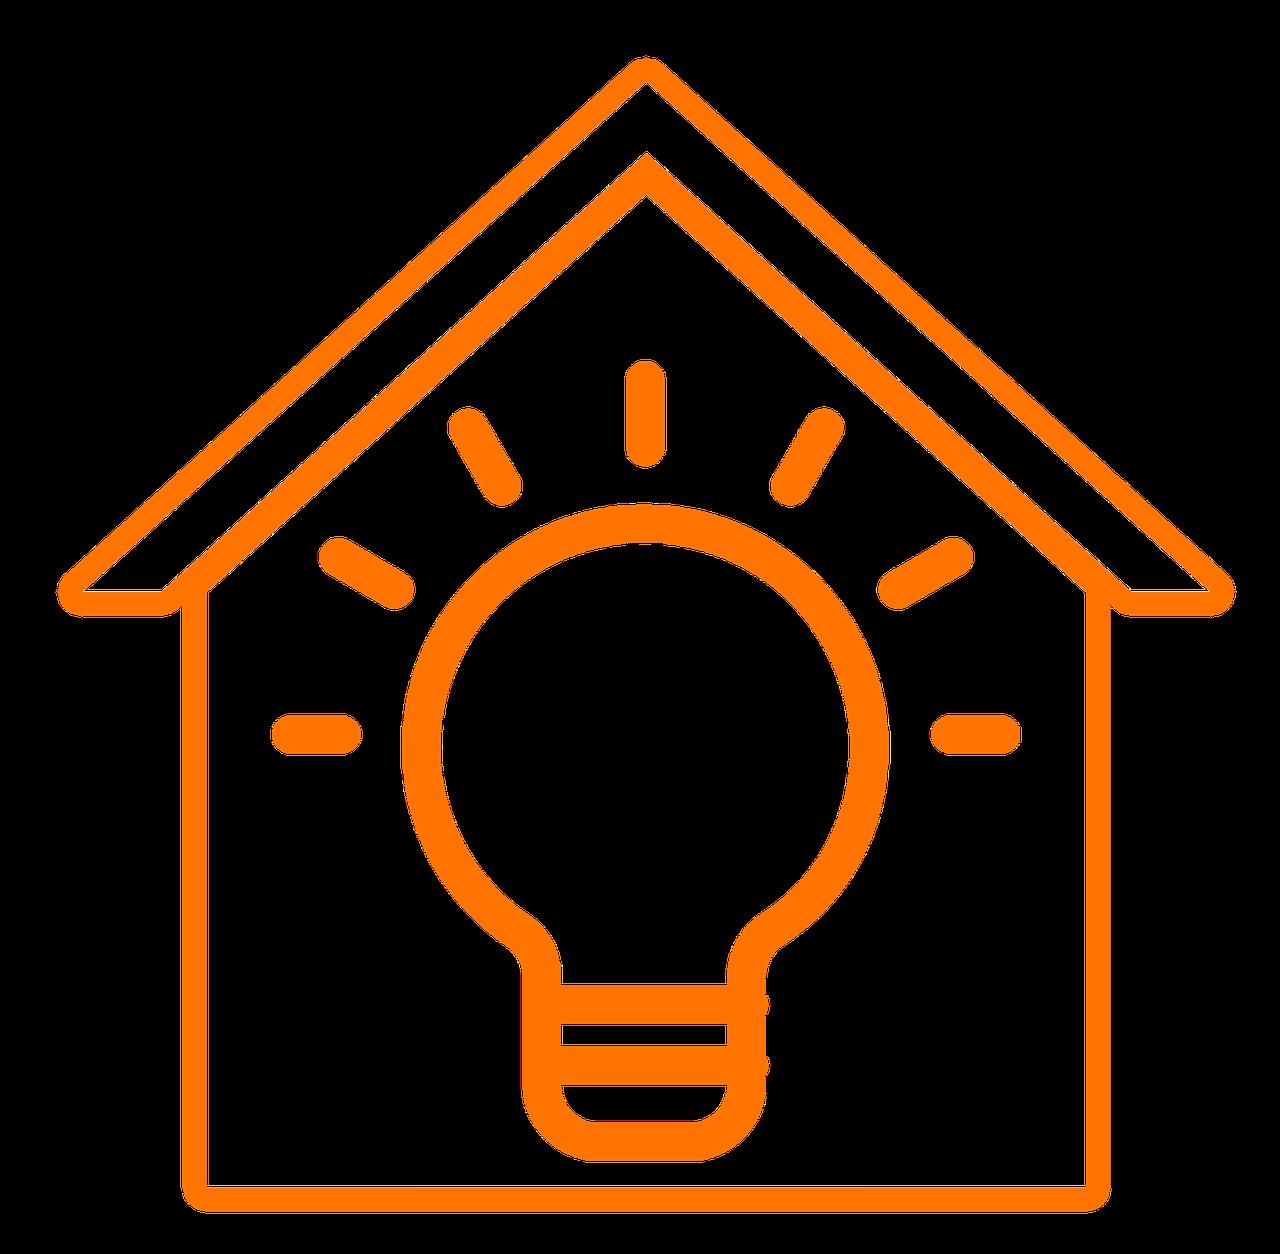 Een energiezuinige oplossing voor warmte